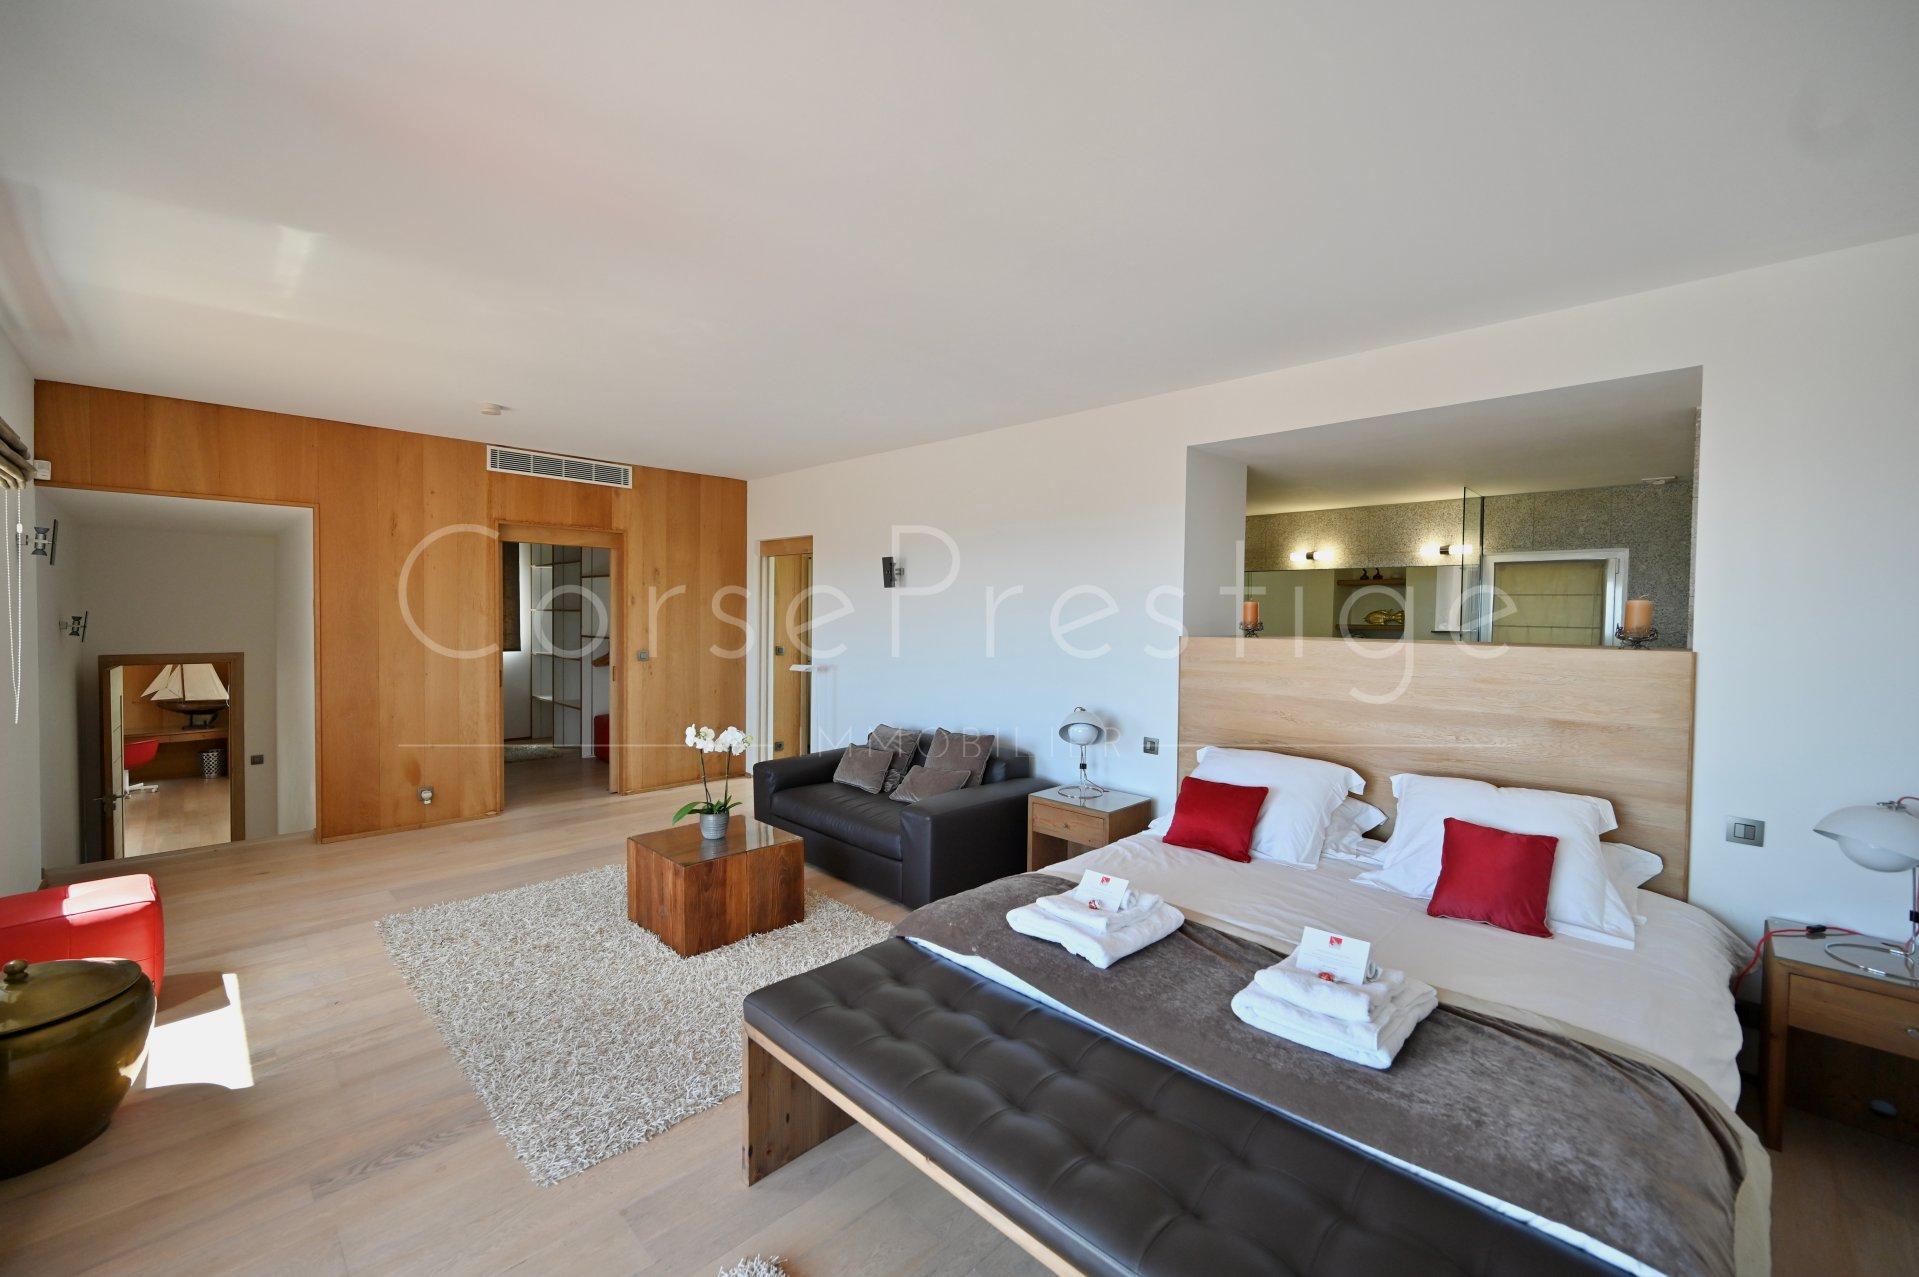 luxury villa for rent in corsica - porto vecchio - palombaggia image8